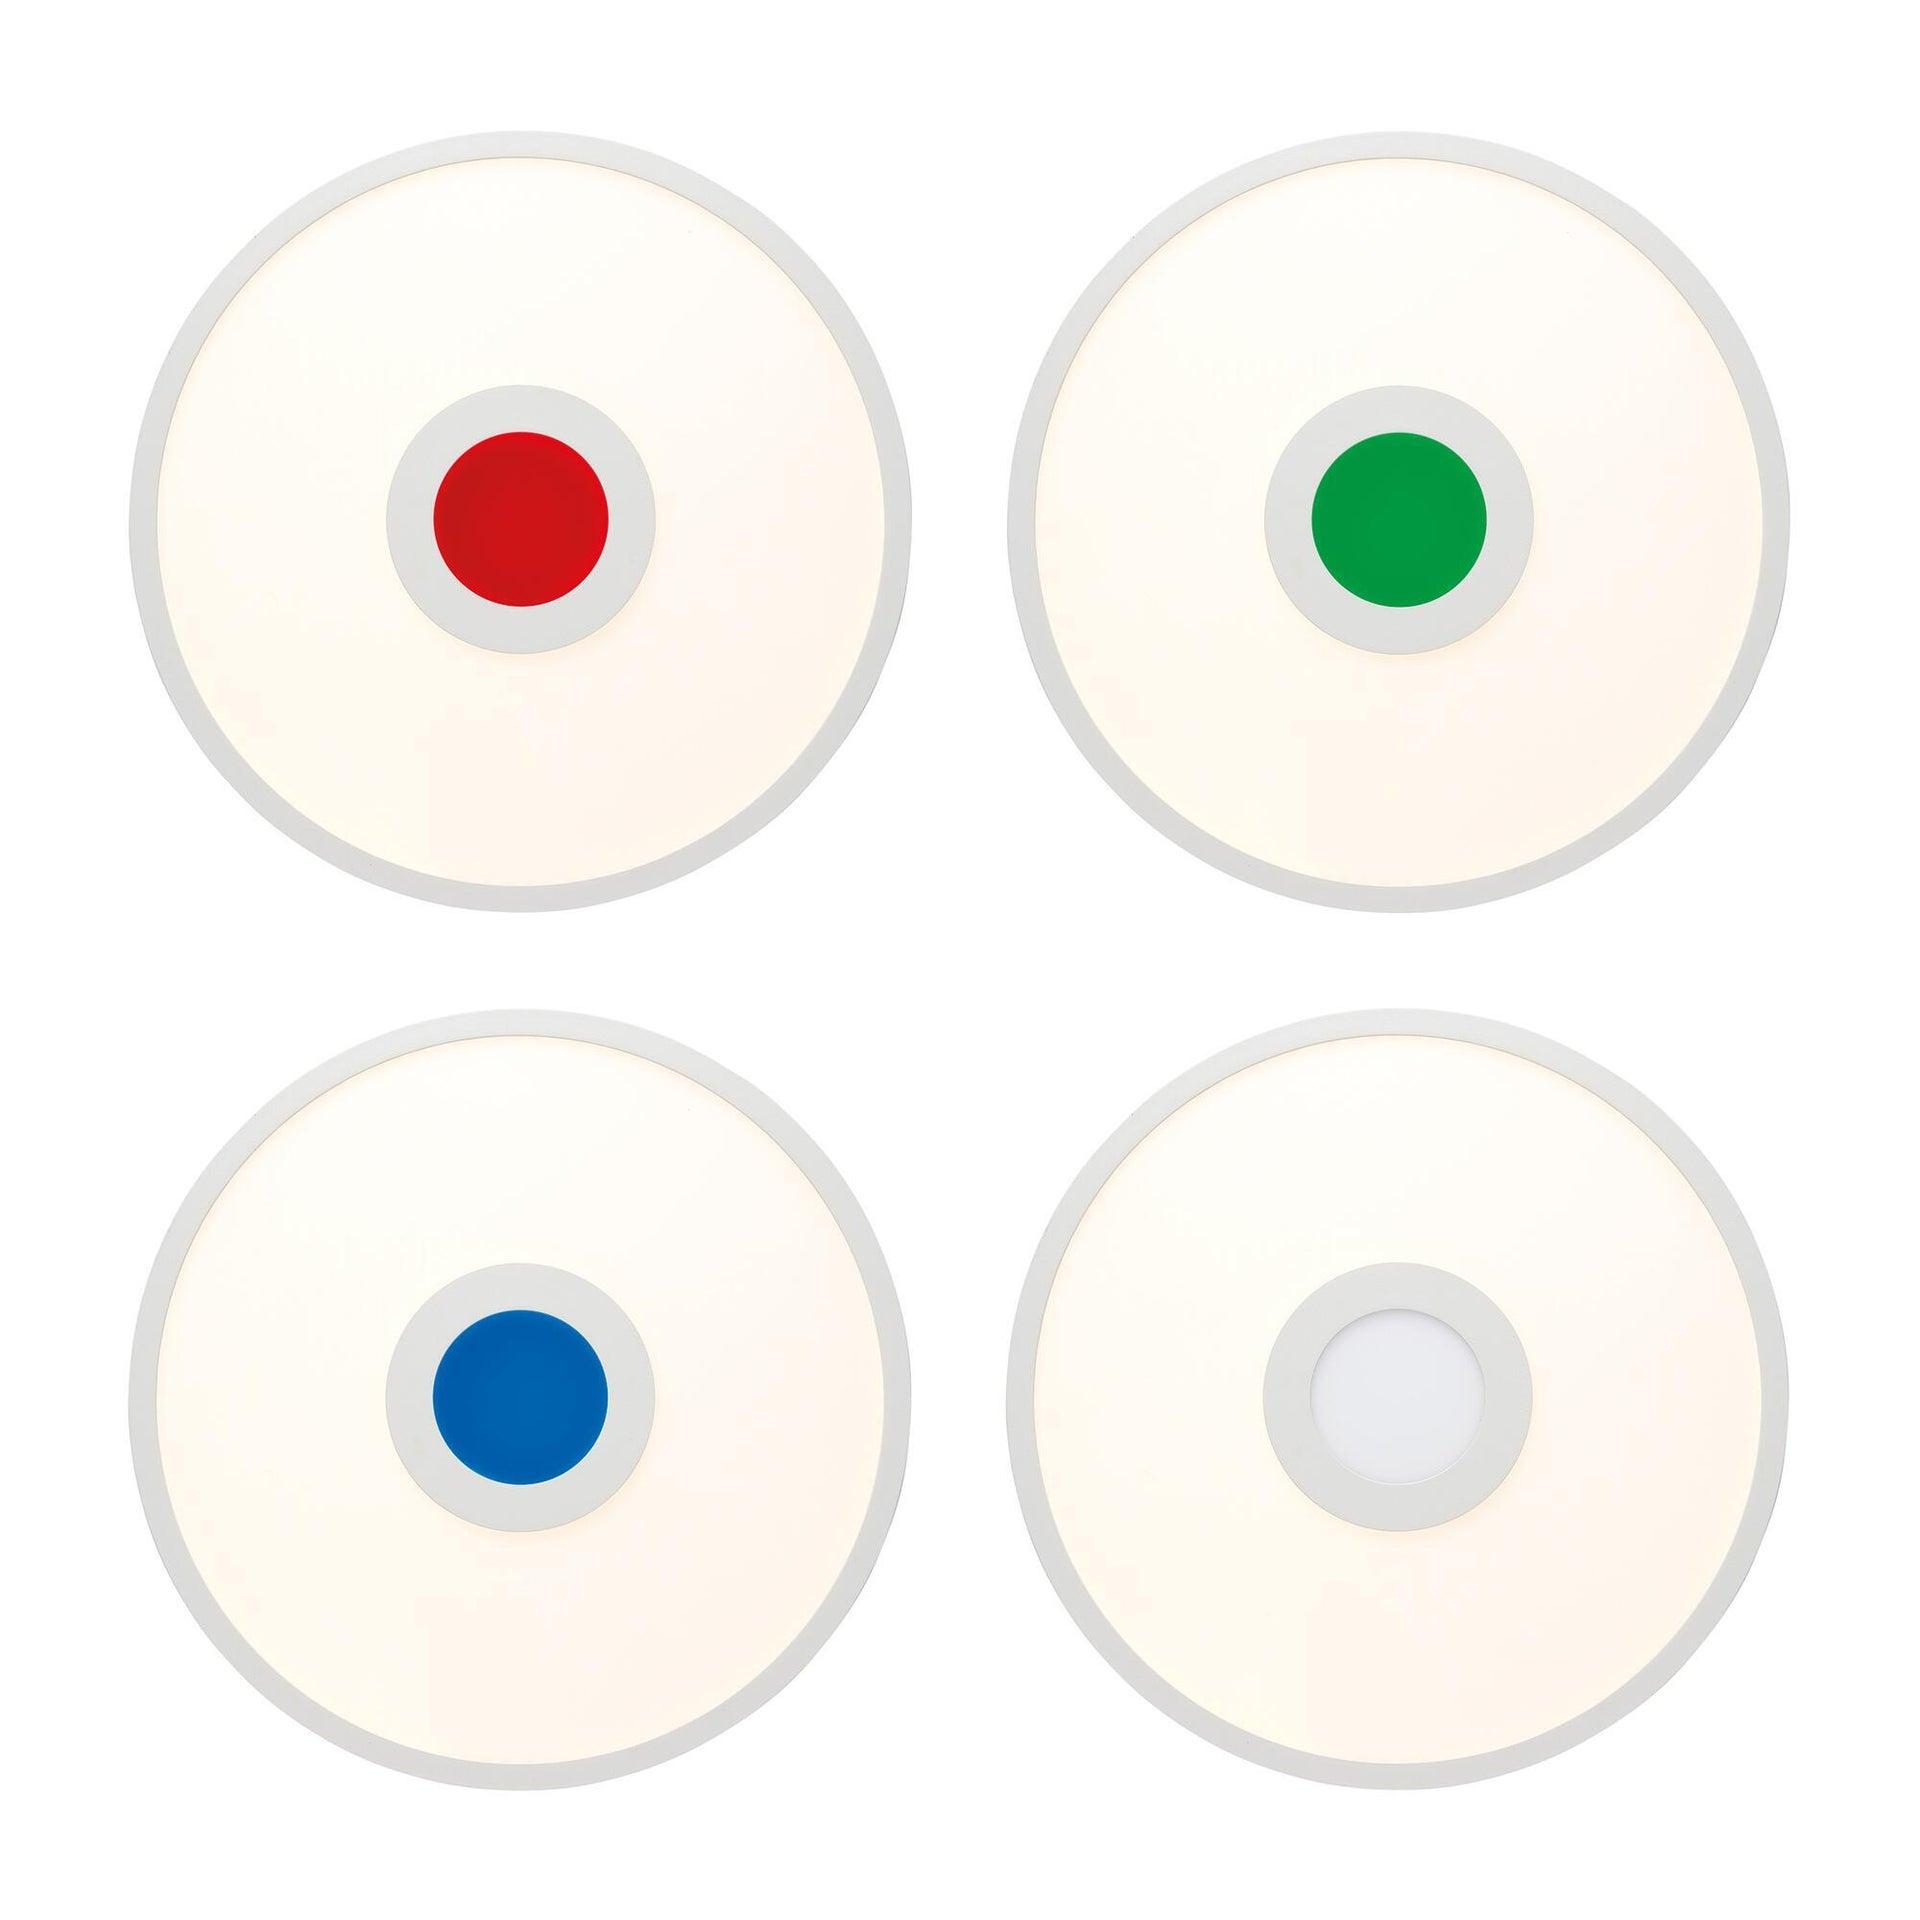 Pannello led Odella Ø 35 cm, cct regolazione da bianco caldo a bianco freddo, 2140LM - 4